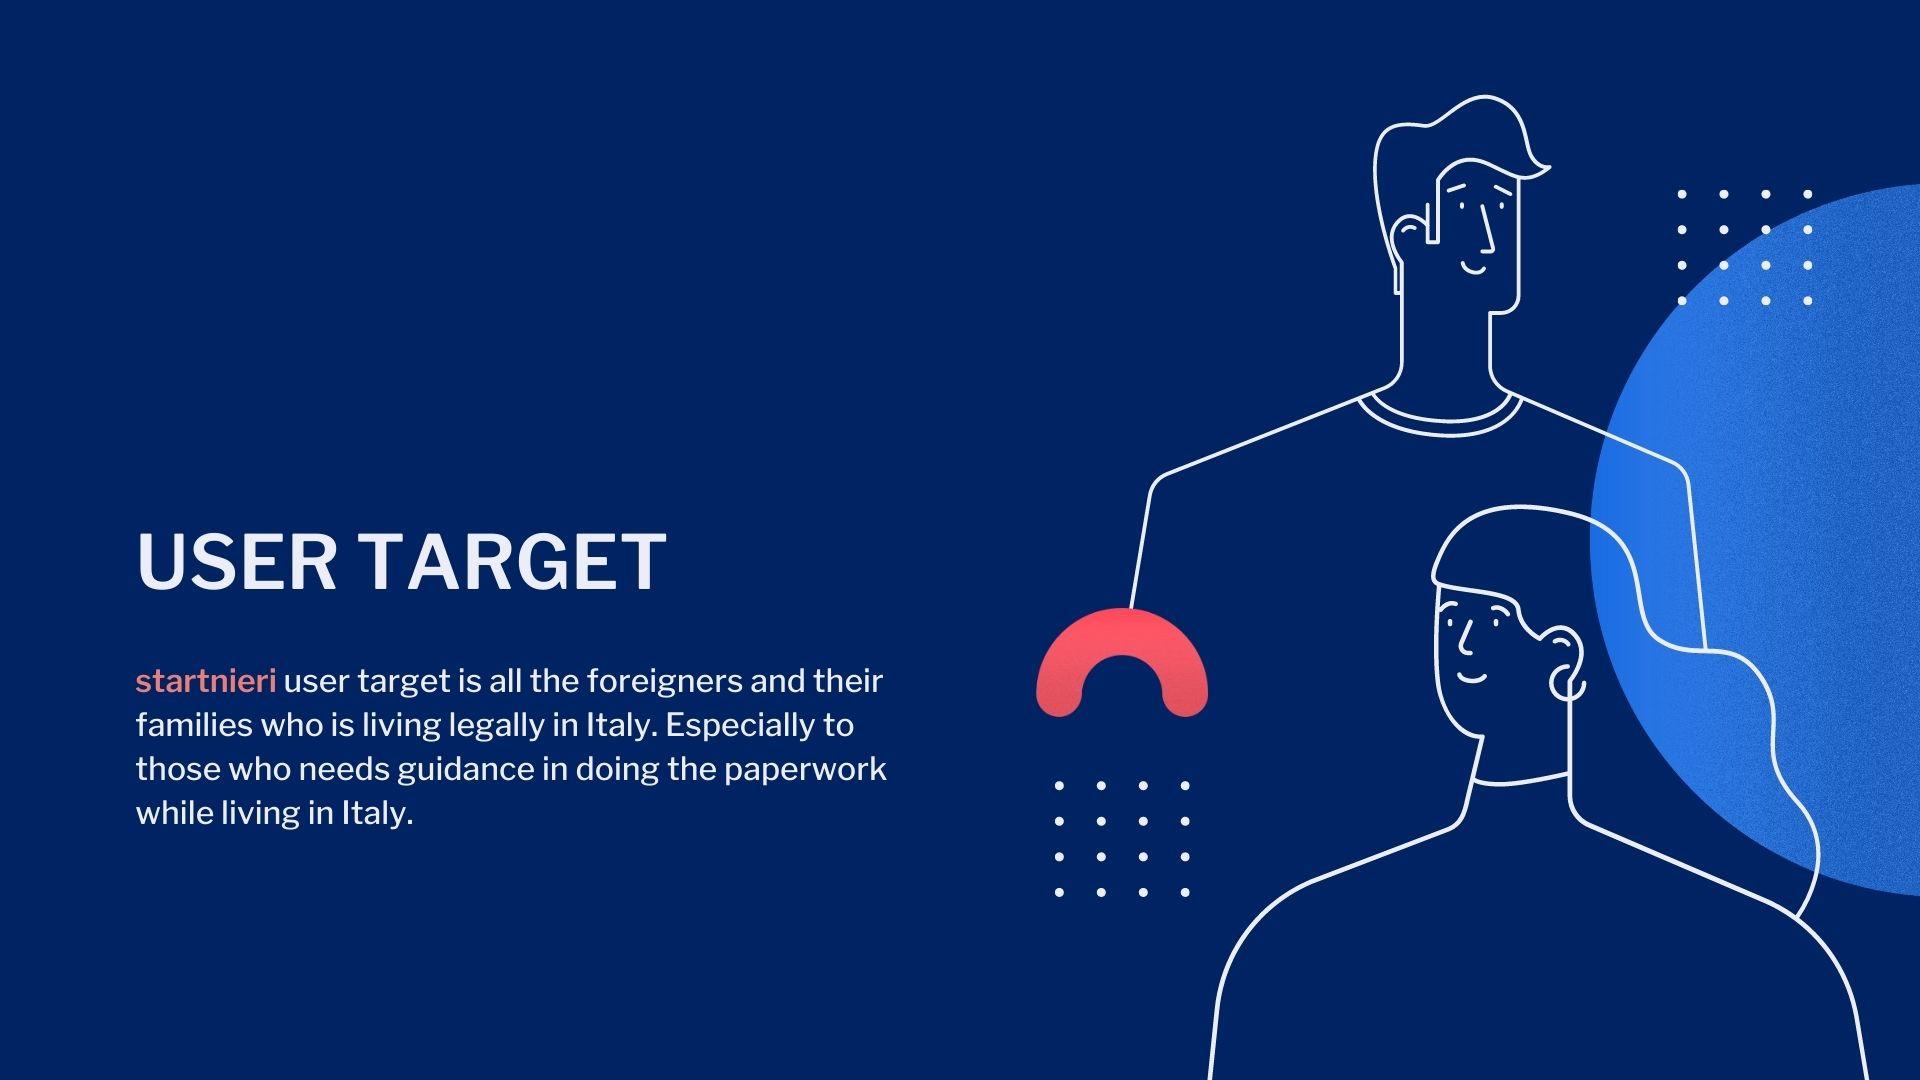 User target